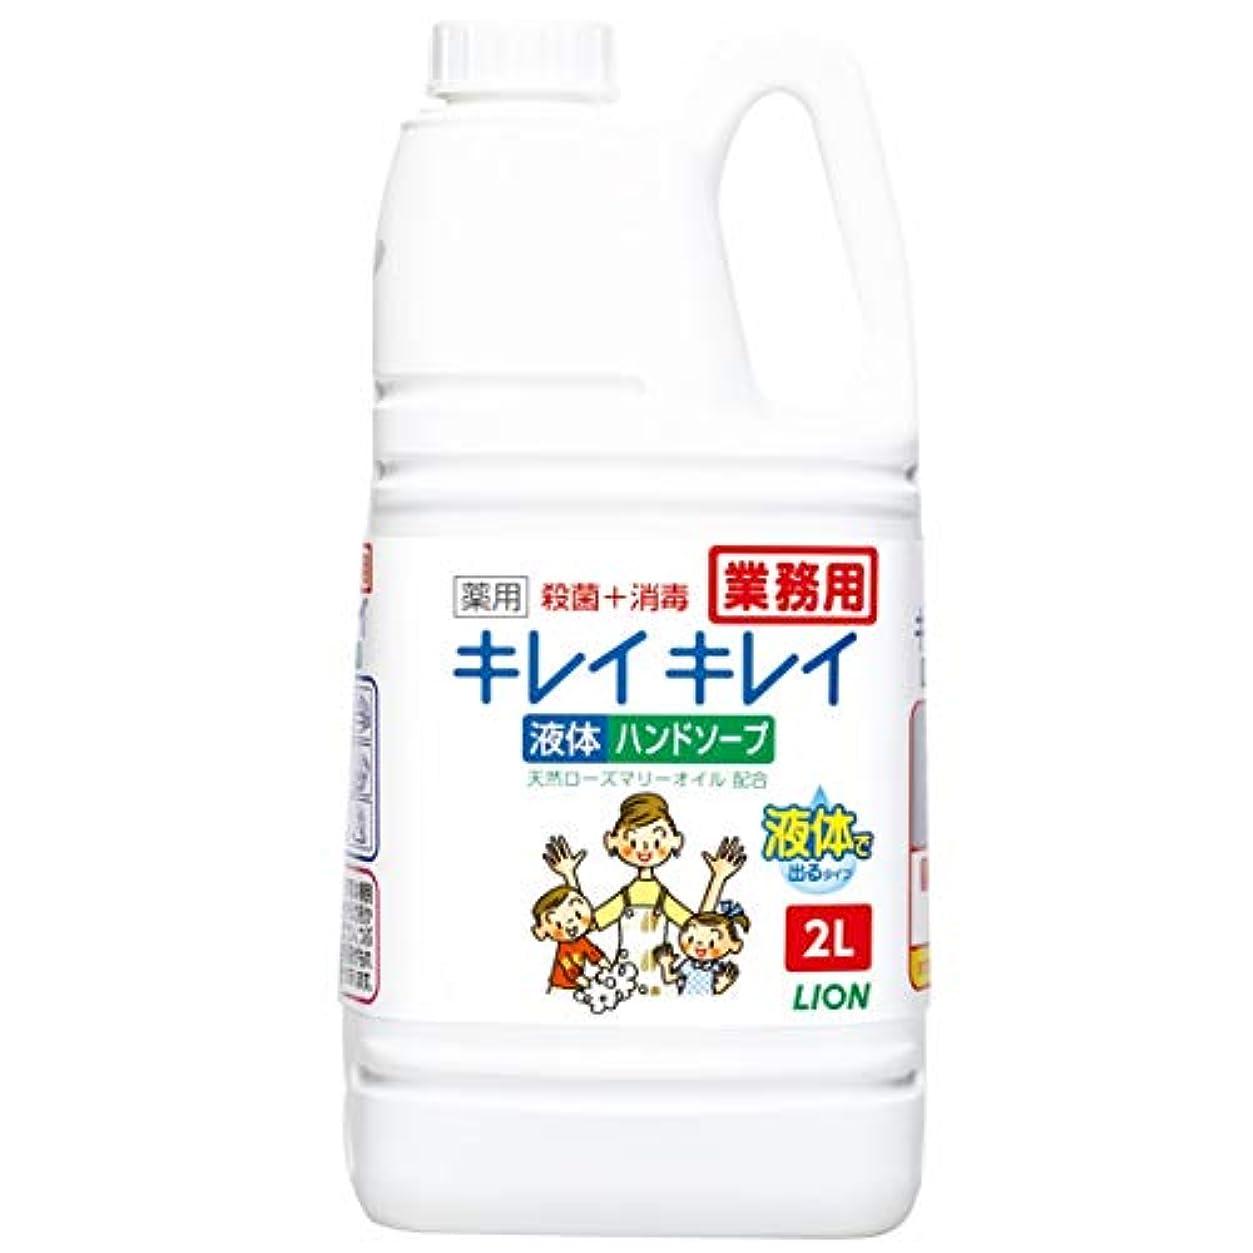 ユーモアピューアセ【業務用 大容量】キレイキレイ 薬用 ハンドソープ 2L(医薬部外品)